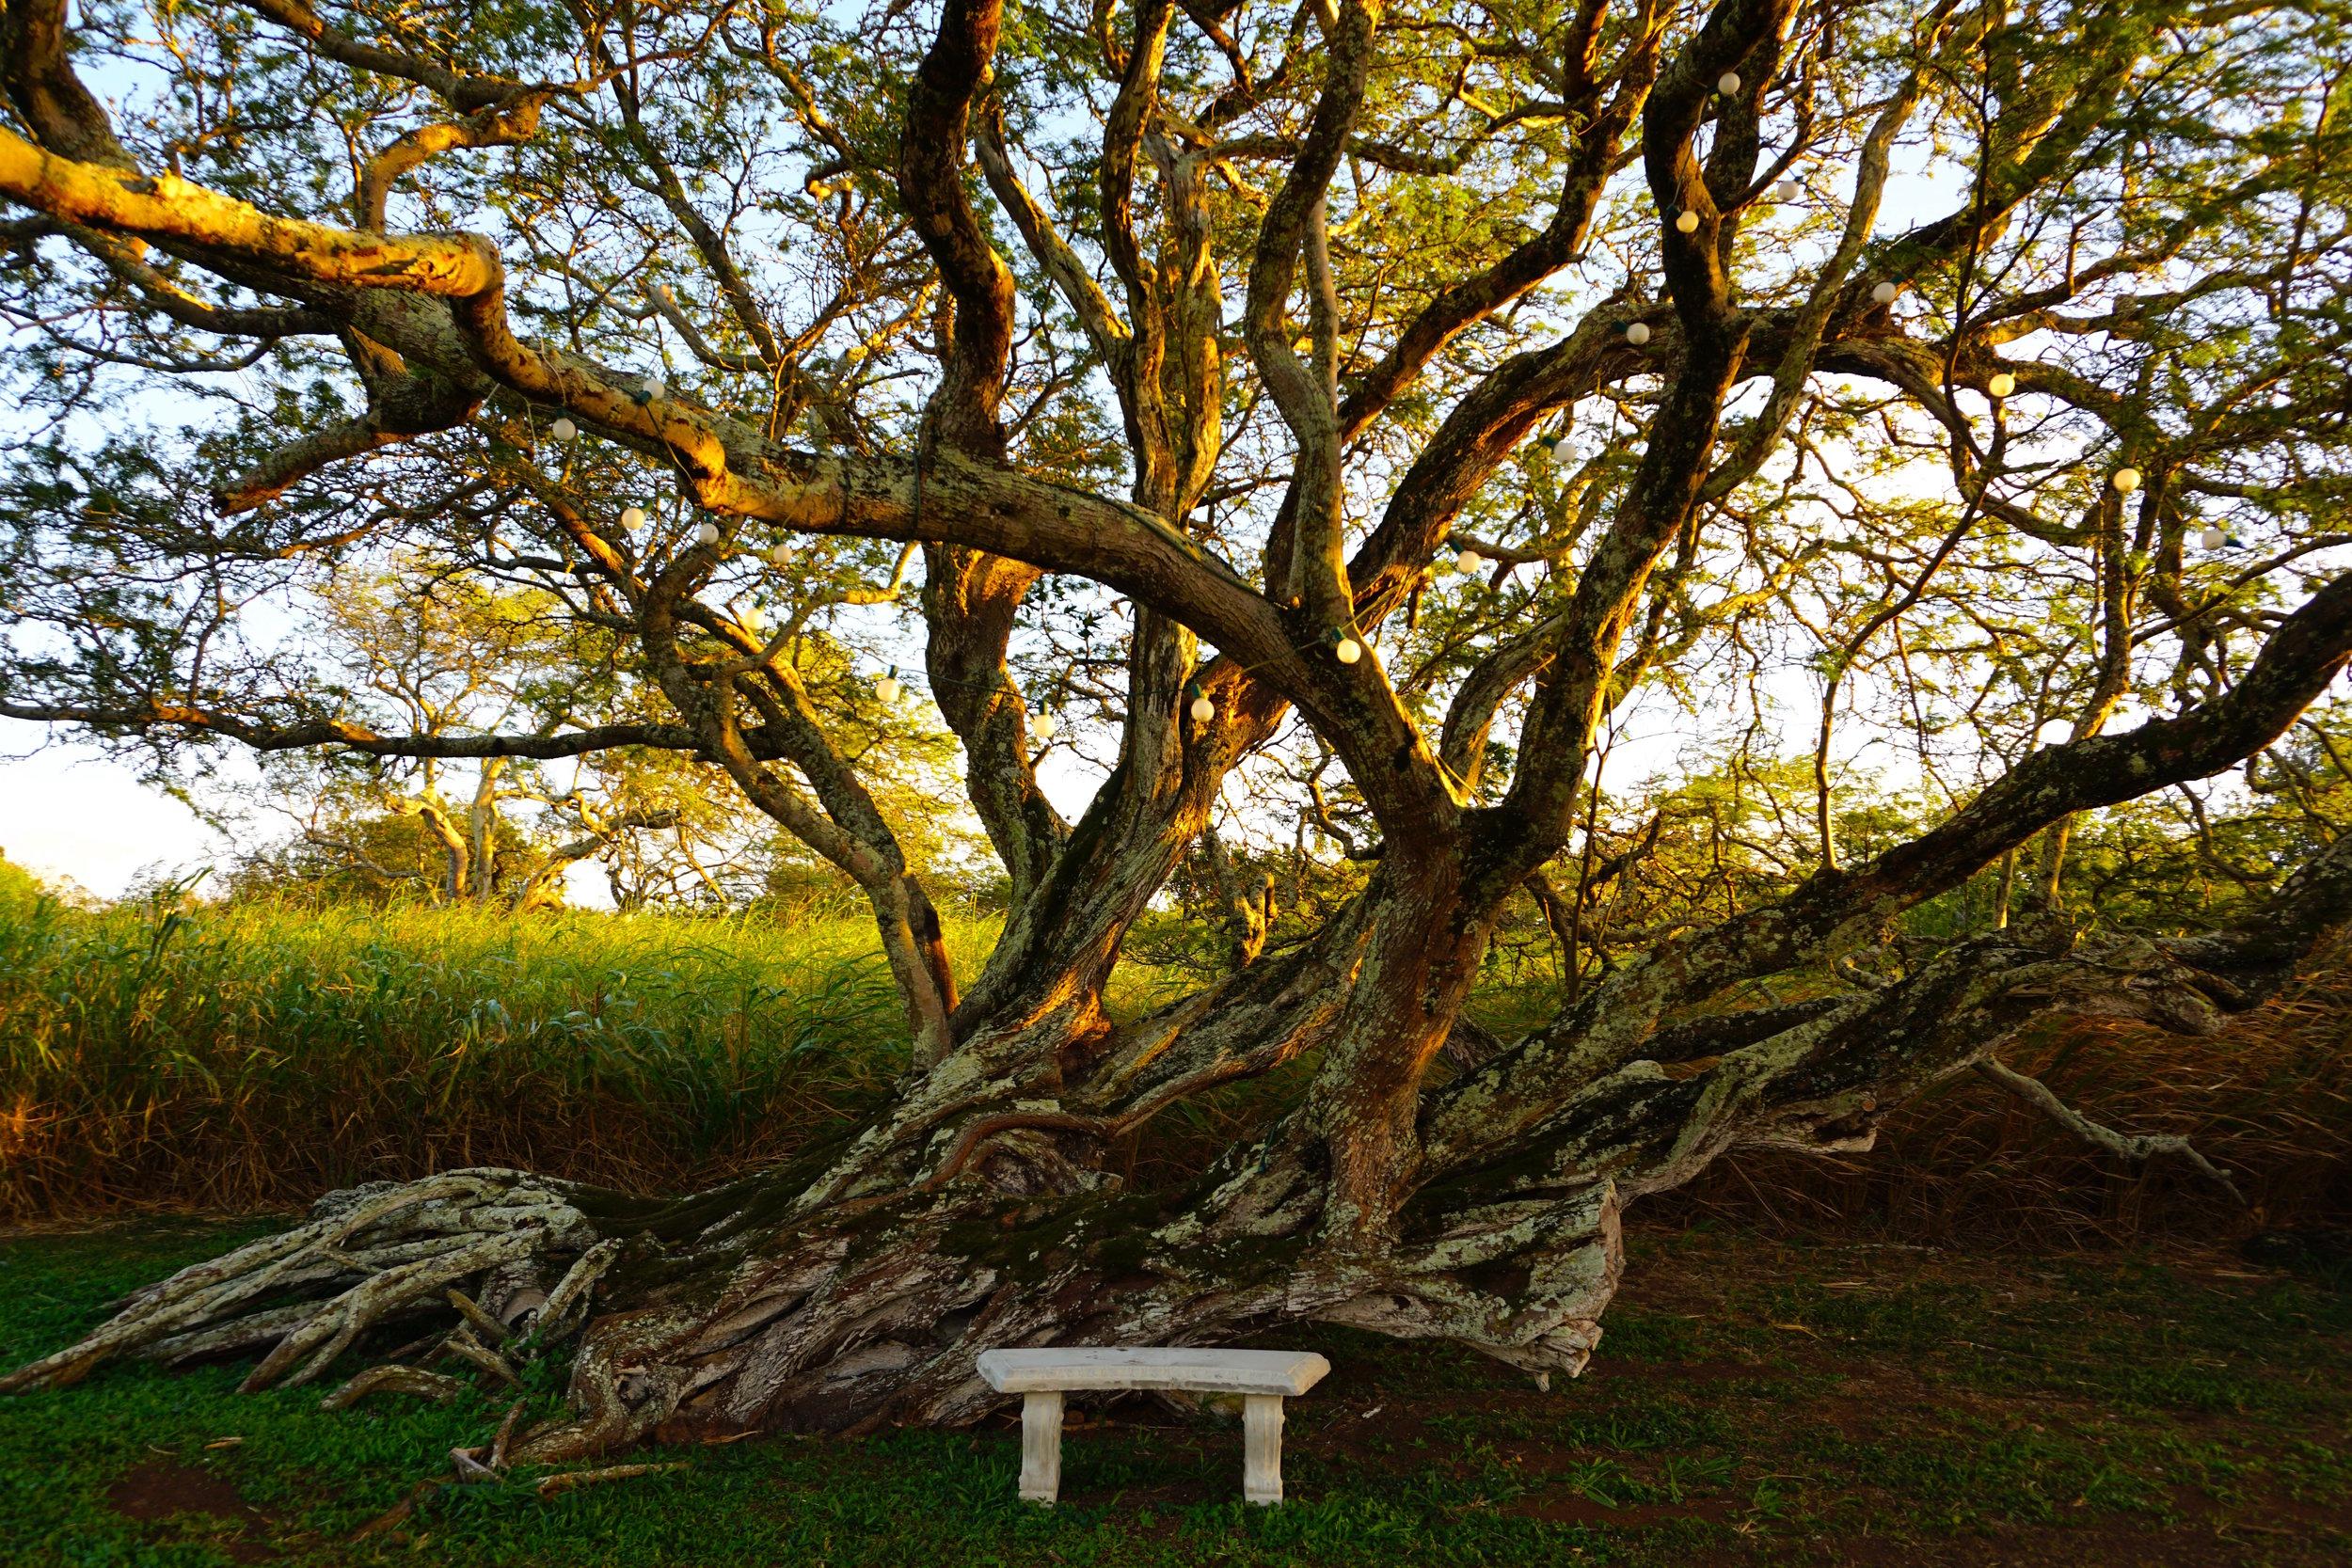 Photoshoot-ready tree